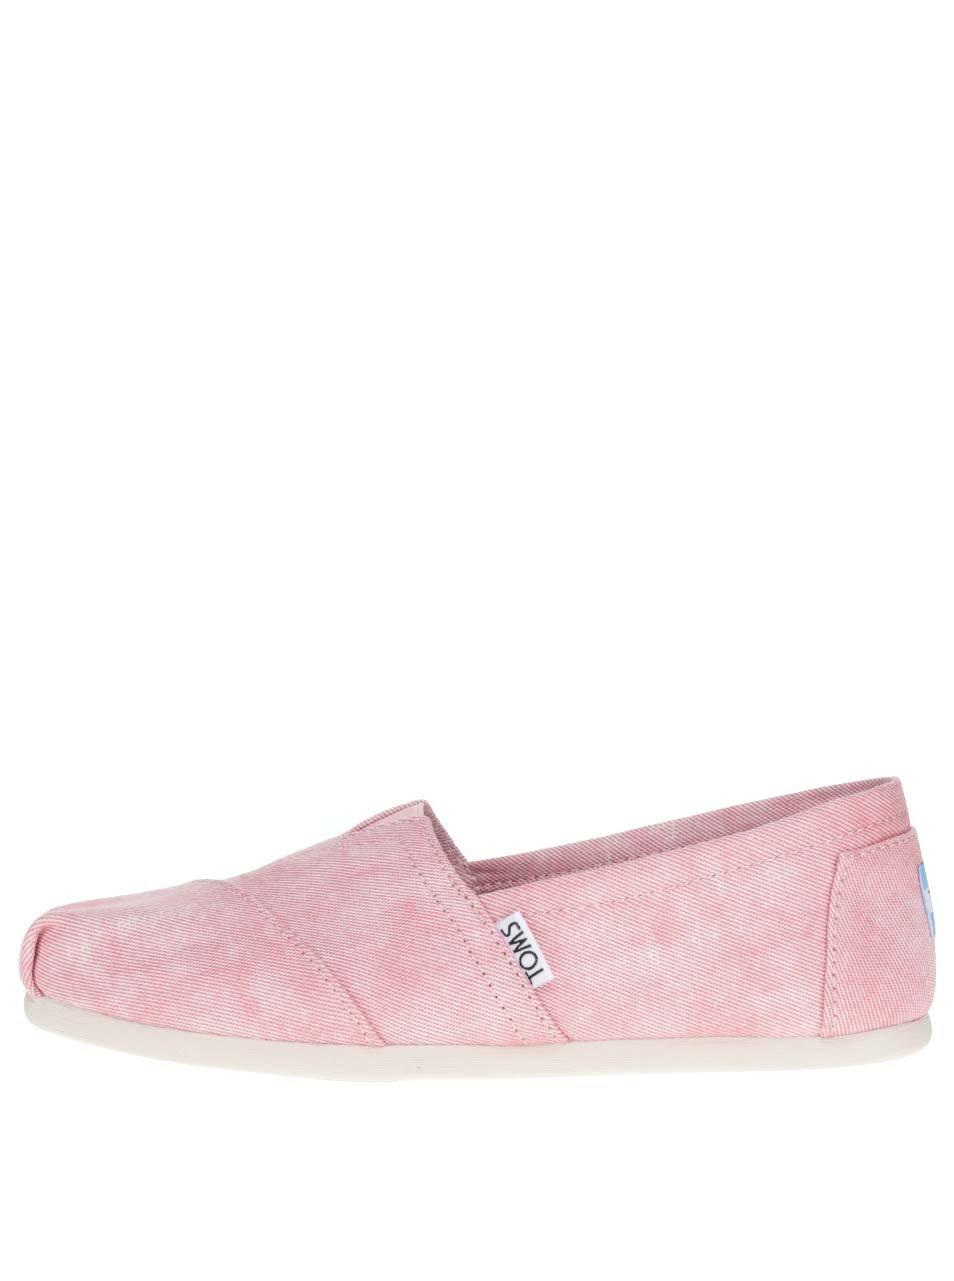 Růžové dámské žíhané loafers TOMS